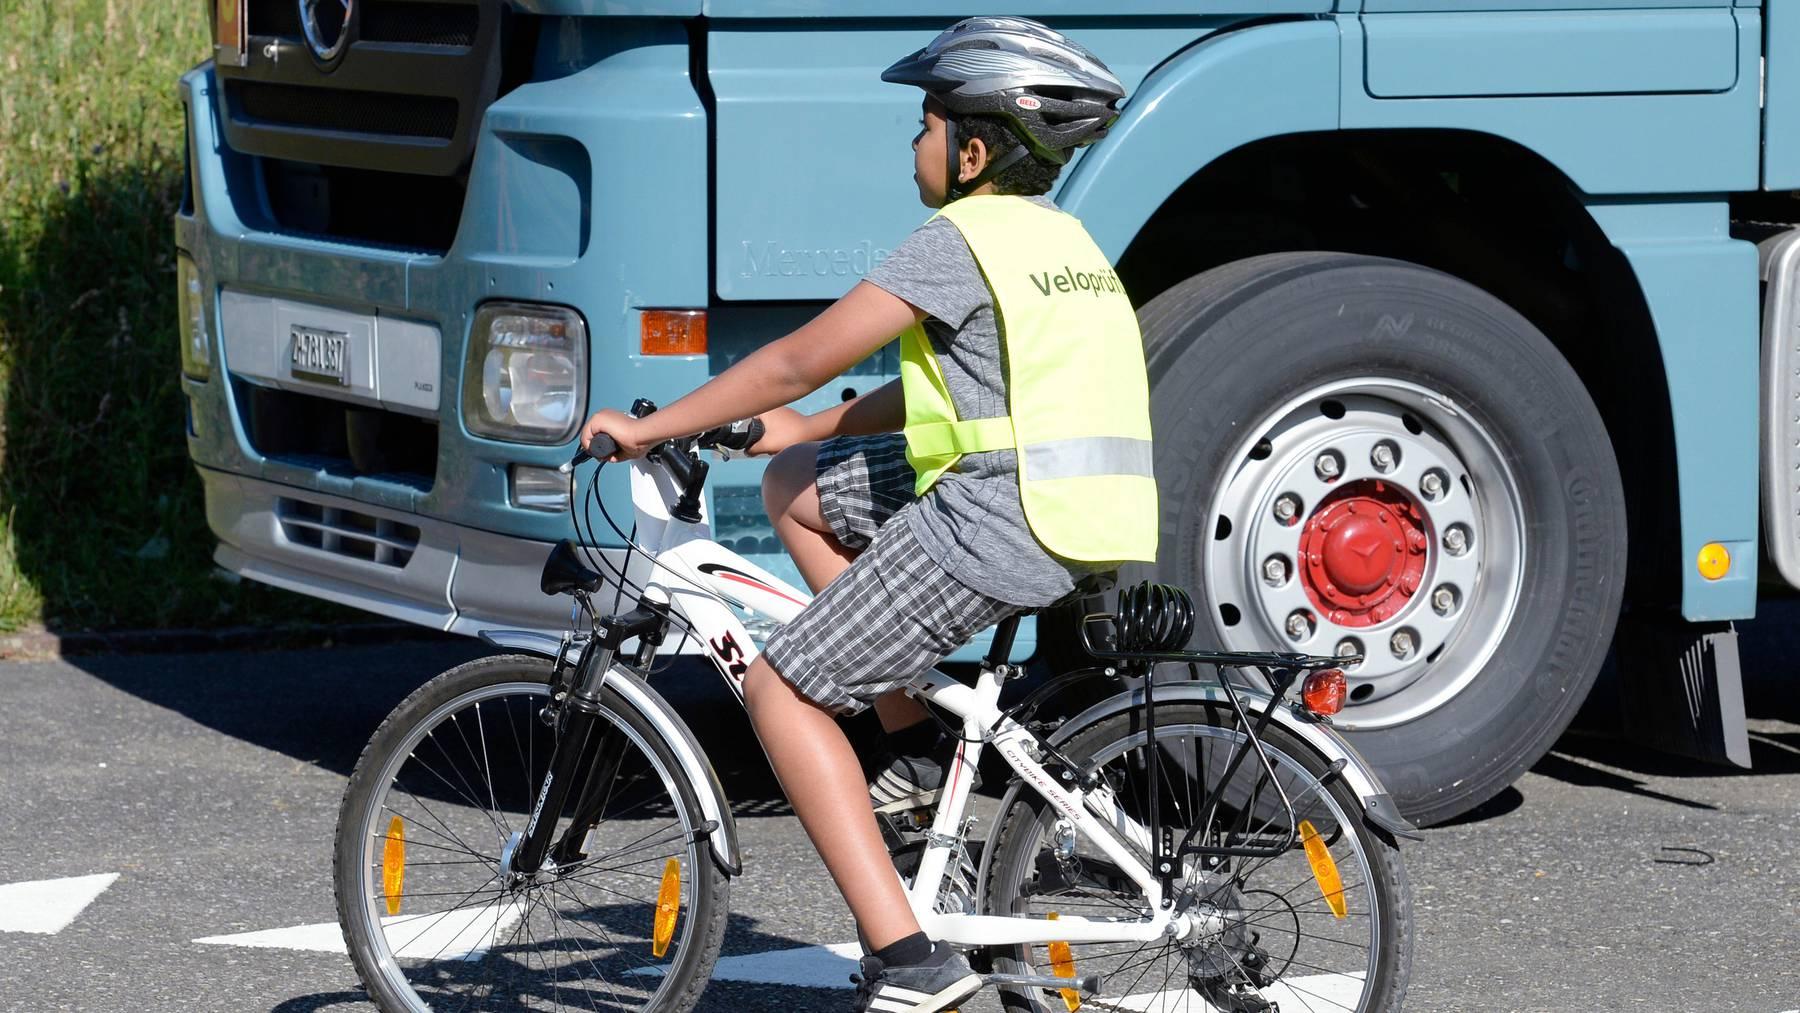 Ginge es nach dem Bundesamt für Strassen, müssten junge Velolenker bis zum 12. Lebensjahr nicht auf der Strasse fahren.